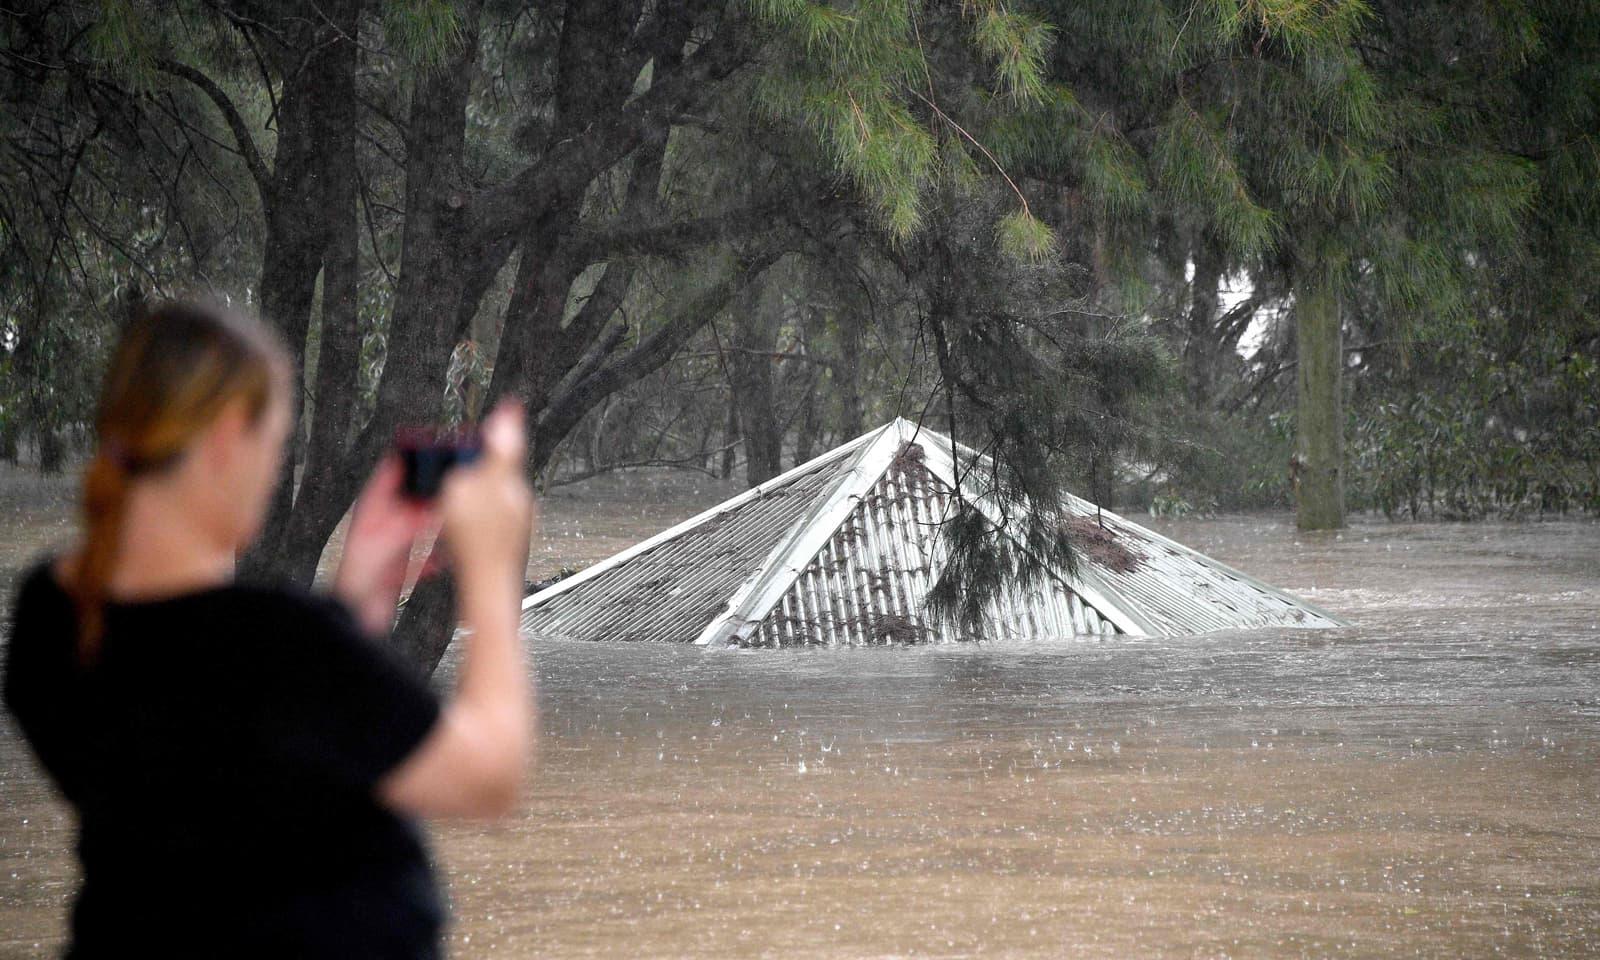 ایک خاتون سڈنی میں بدترین سیلاب کے بعد ڈوبے ہوئے پارک کی تصویر لے رہی ہیں— فوٹو: اے ایف پی